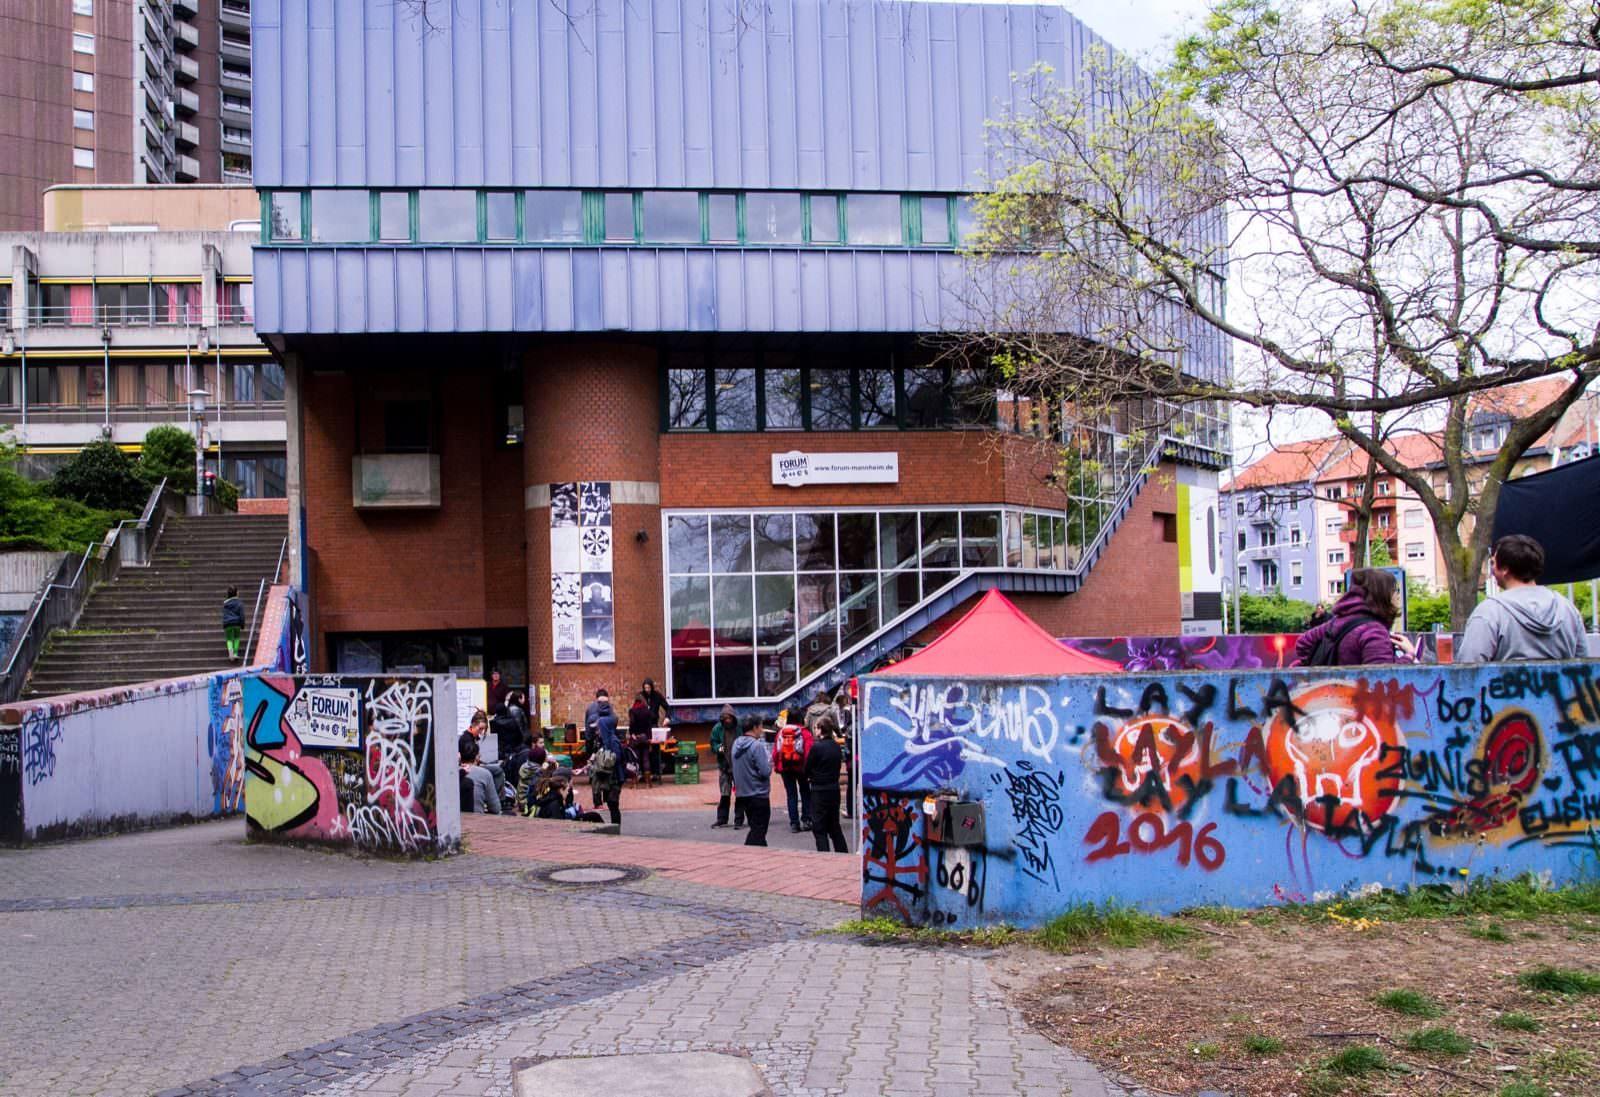 Veranstaltung im Jugendkulturzentrum forum (Symbolbild) | Foto: Isabel Dehmelt